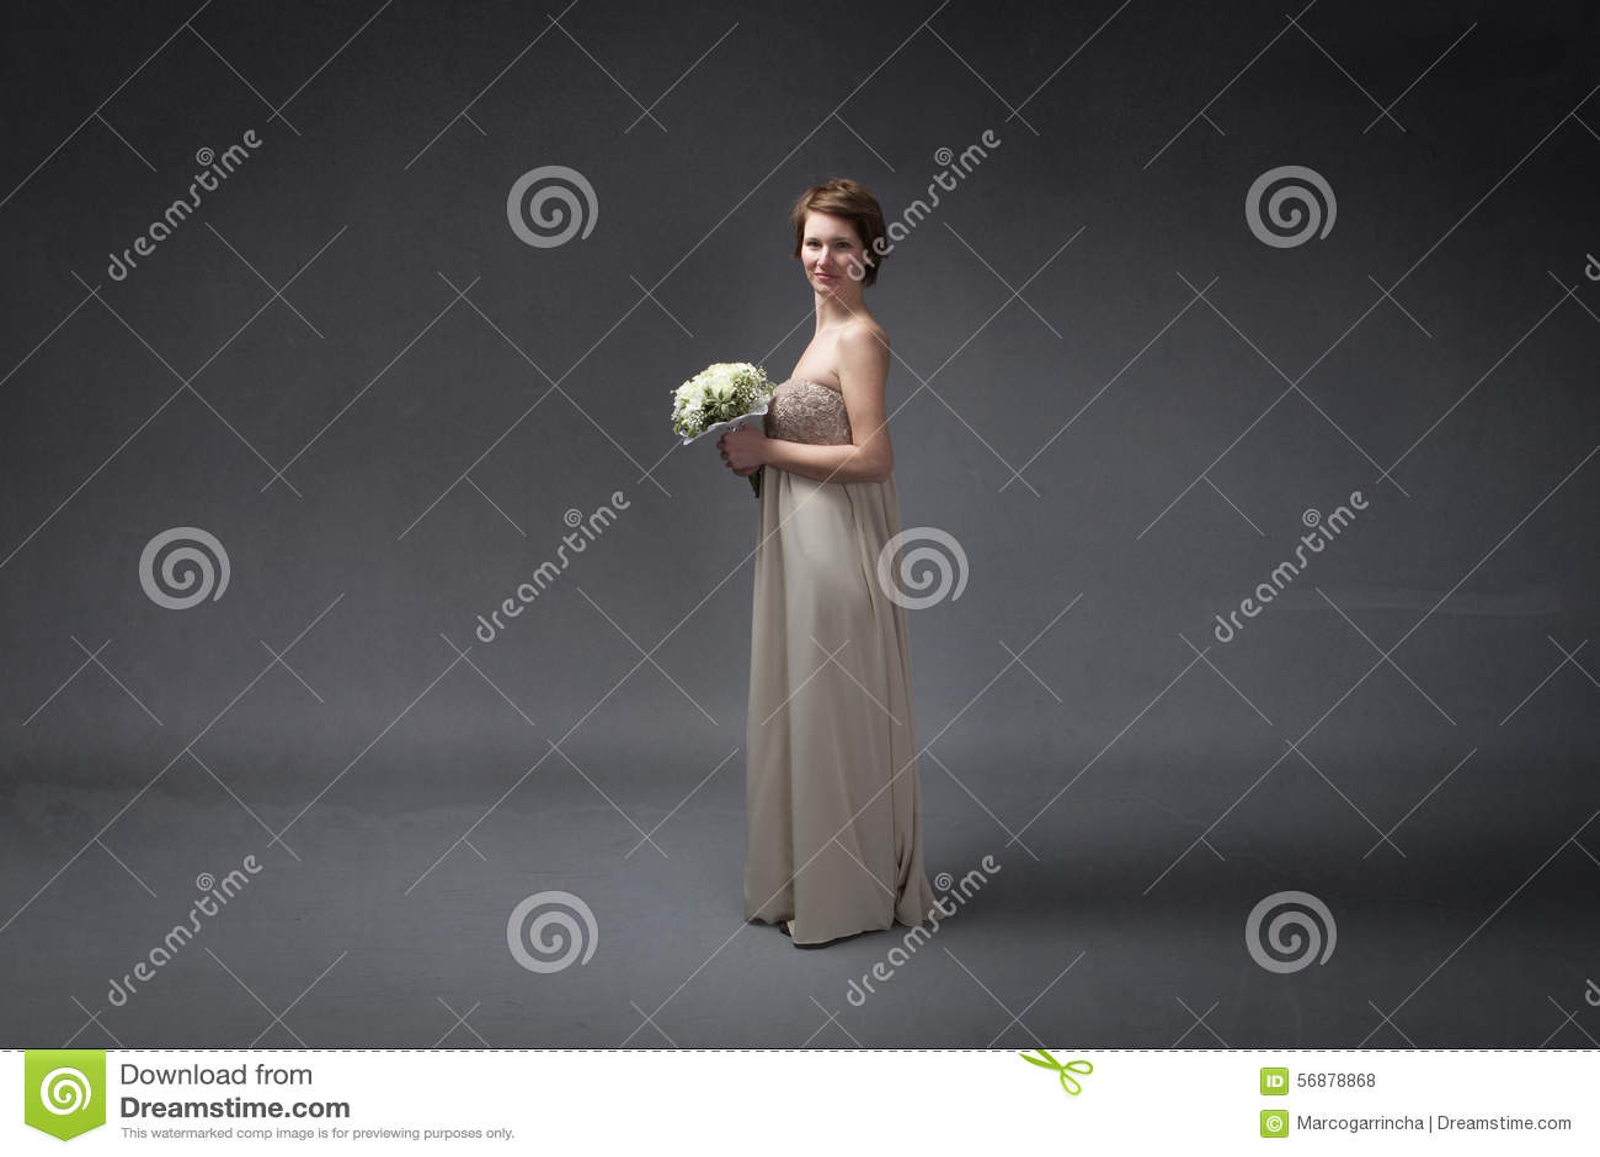 Panna młoda szczęśliwa z kwiatami na ręce